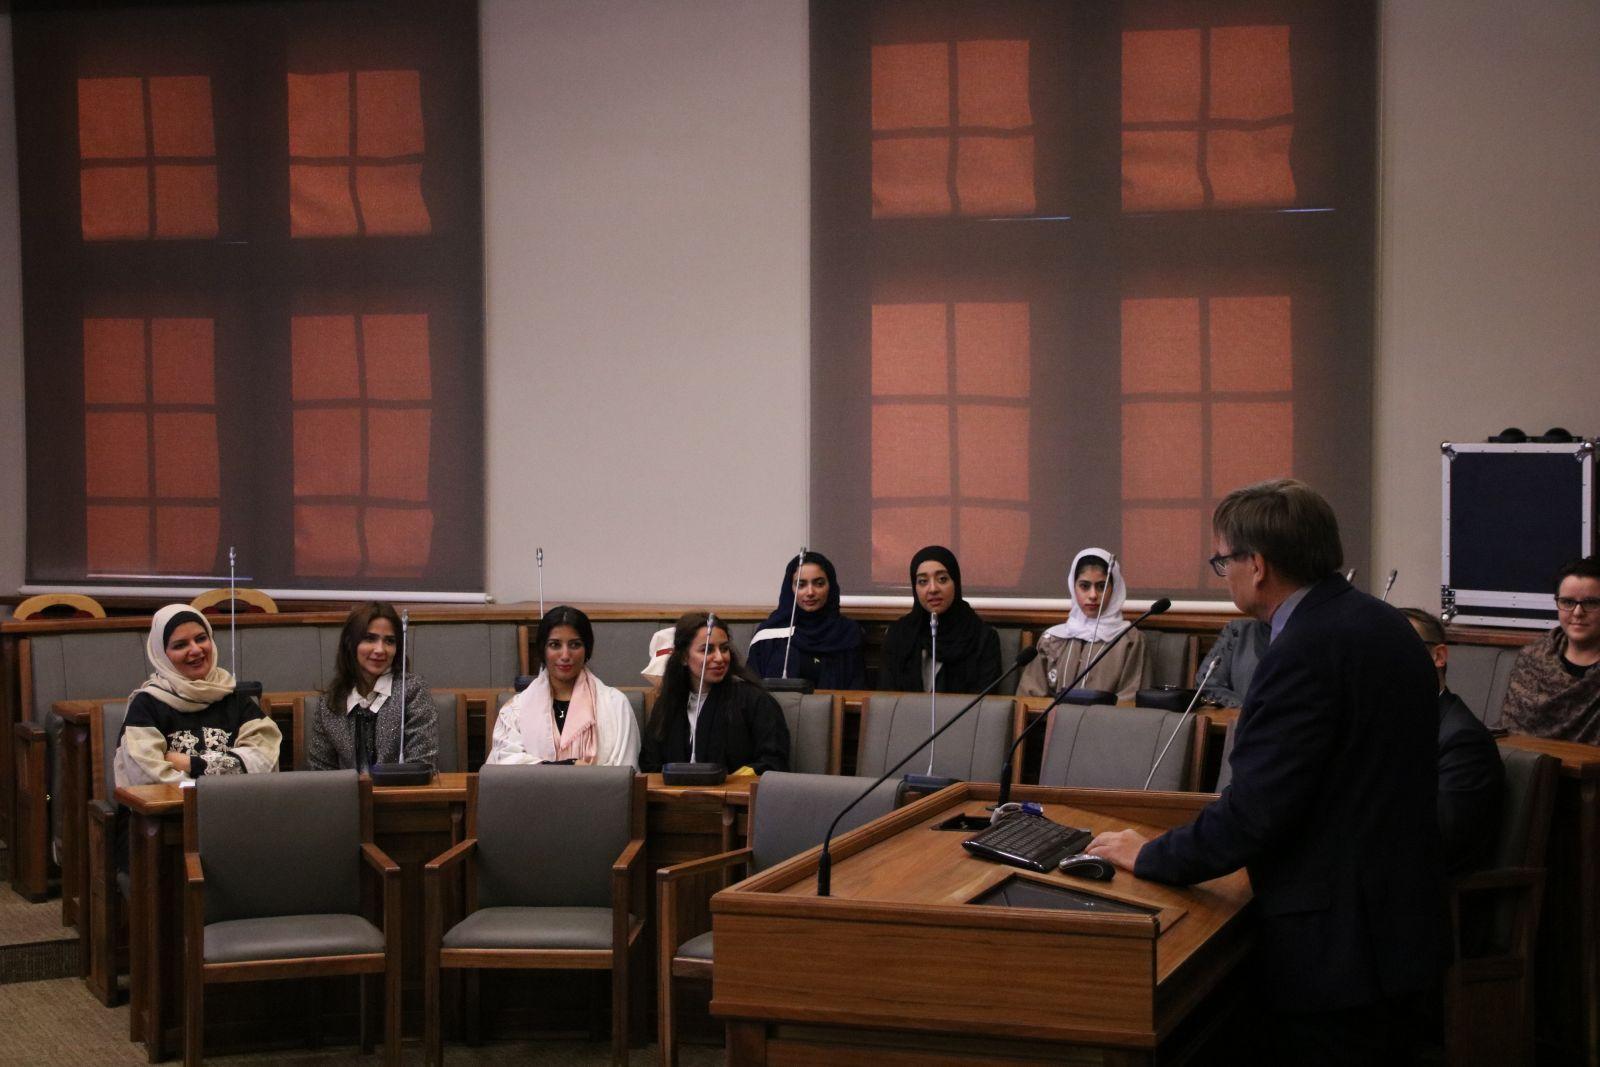 Delegacja studentek z Prince Sultan University z Arabii Saudyjskiej podczas spotkania z prorektorem prof. dr. hab. Ryszardem Naskręckim